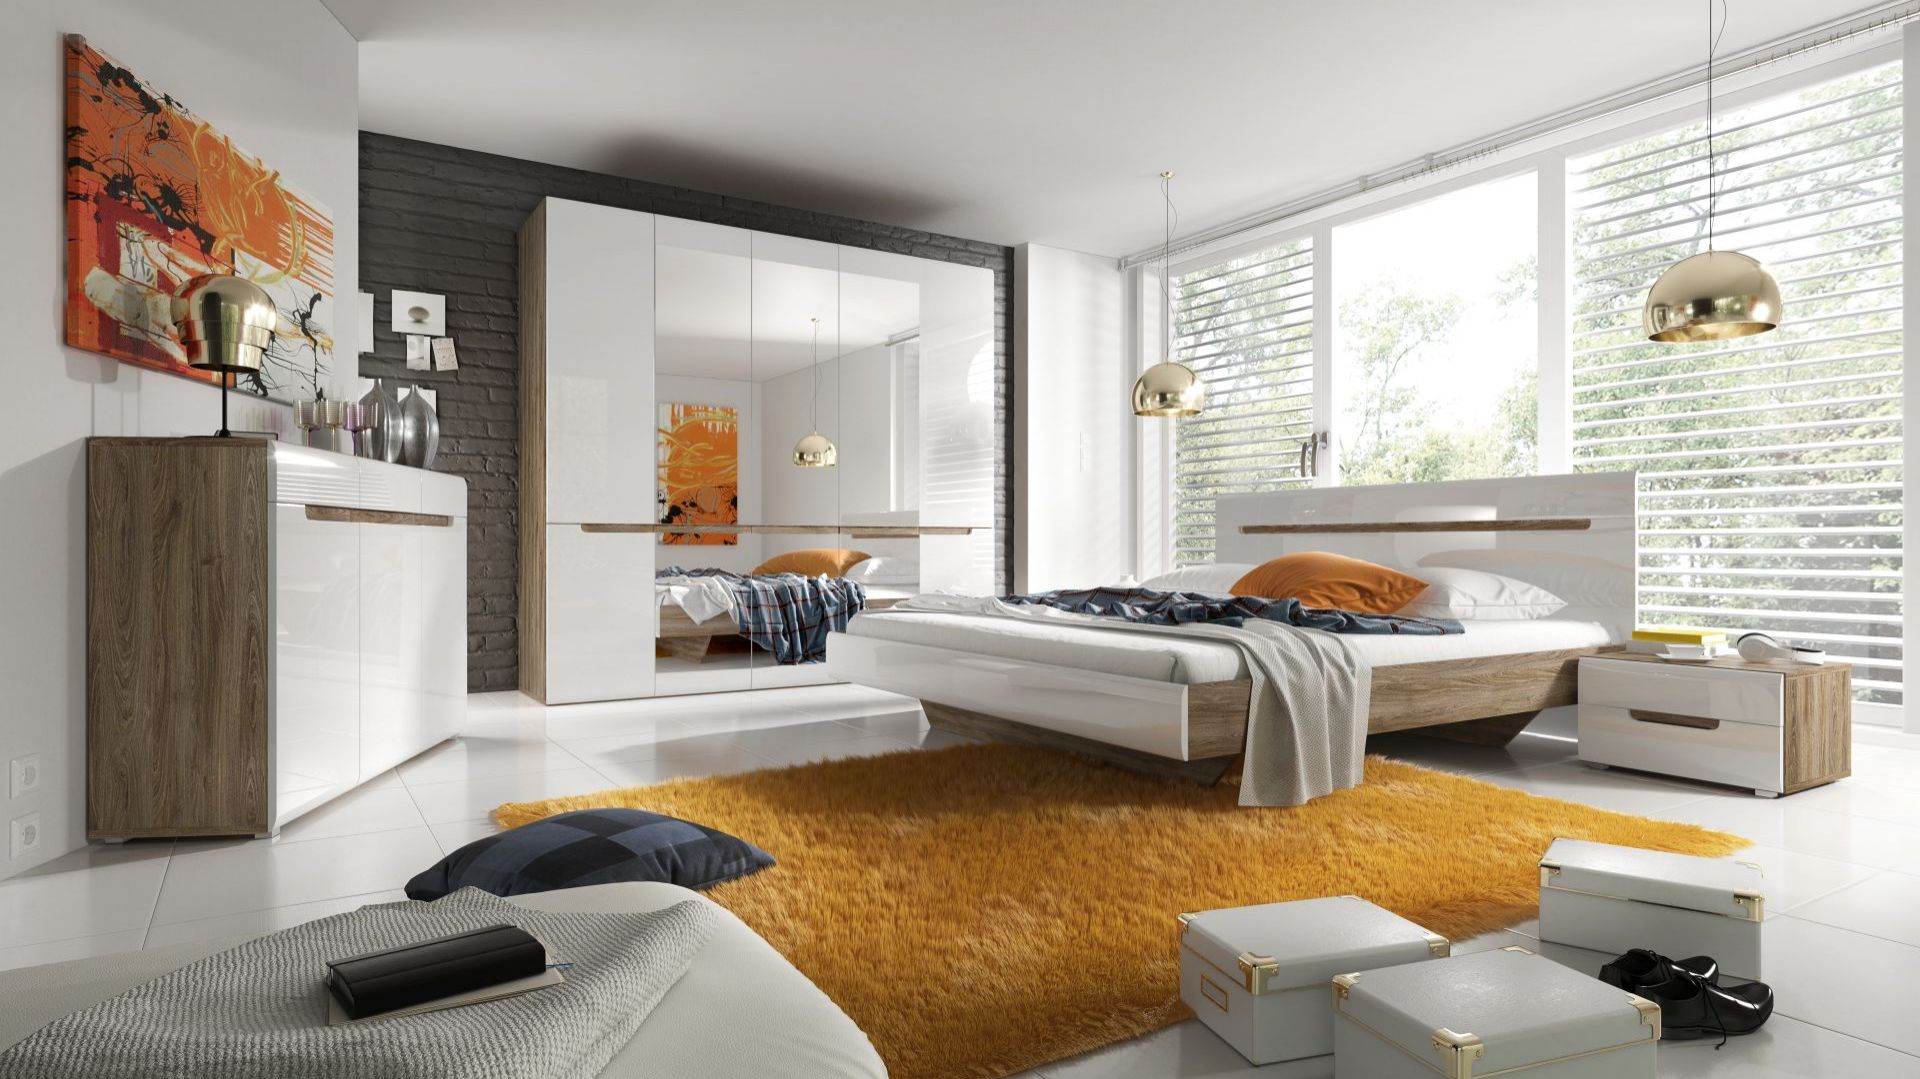 Sypialnia Hektor utrzymana jest w ciepłym połączeniu ciemnego dębu i beżu w połysku. Duże tafle luster zastosowane w szafach optycznie powiększają wnętrze natomiast ciepła kolorystyka nadaje mu przytulności. Fot. Helvetia Wieruszów